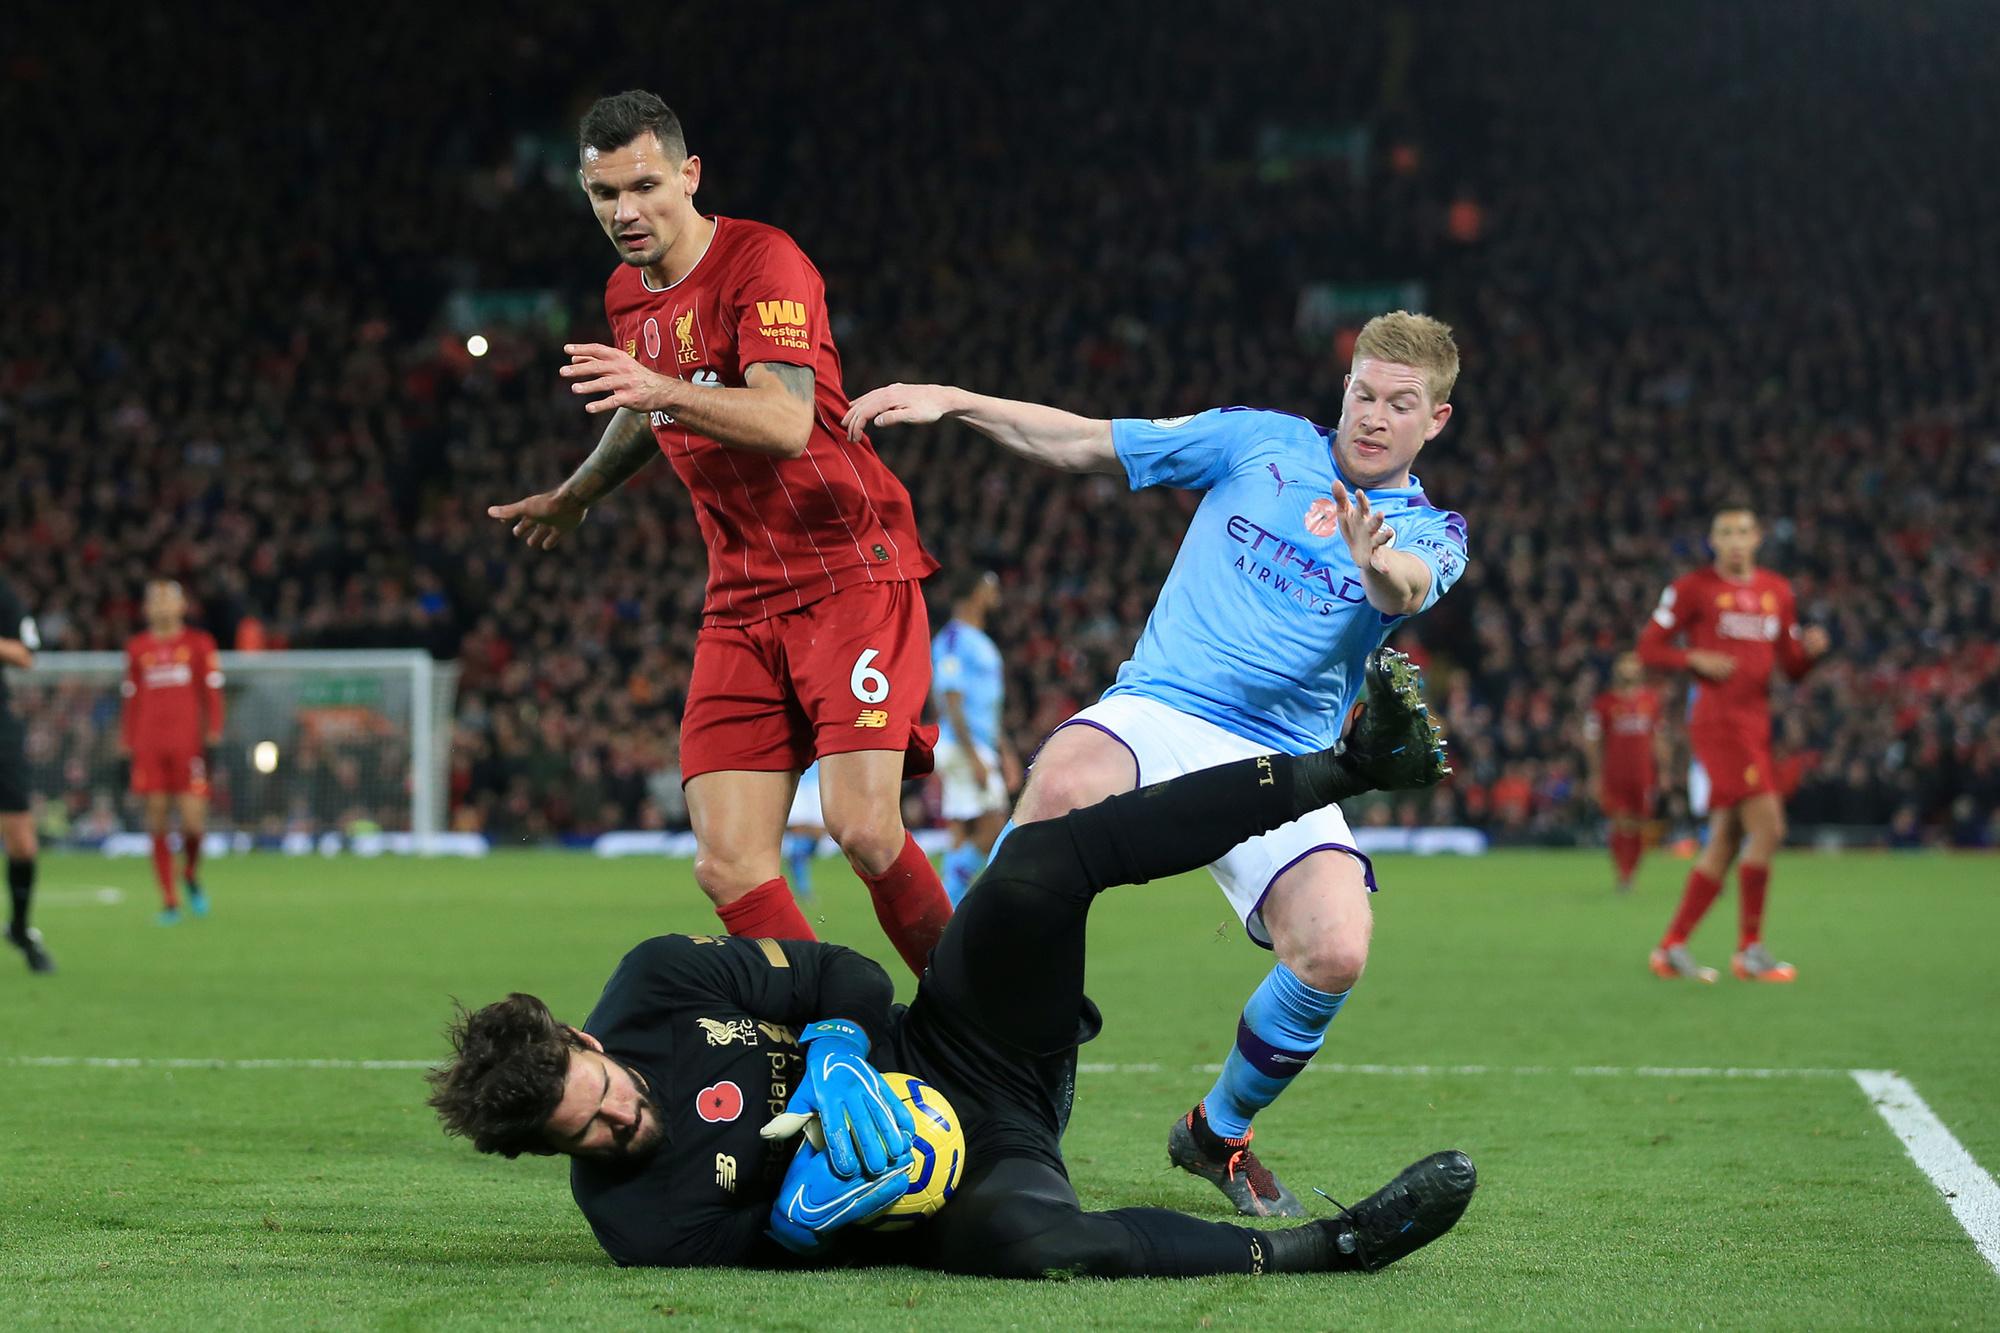 Is de verdediging of de keeper van Liverpool zo goed?, GETTY